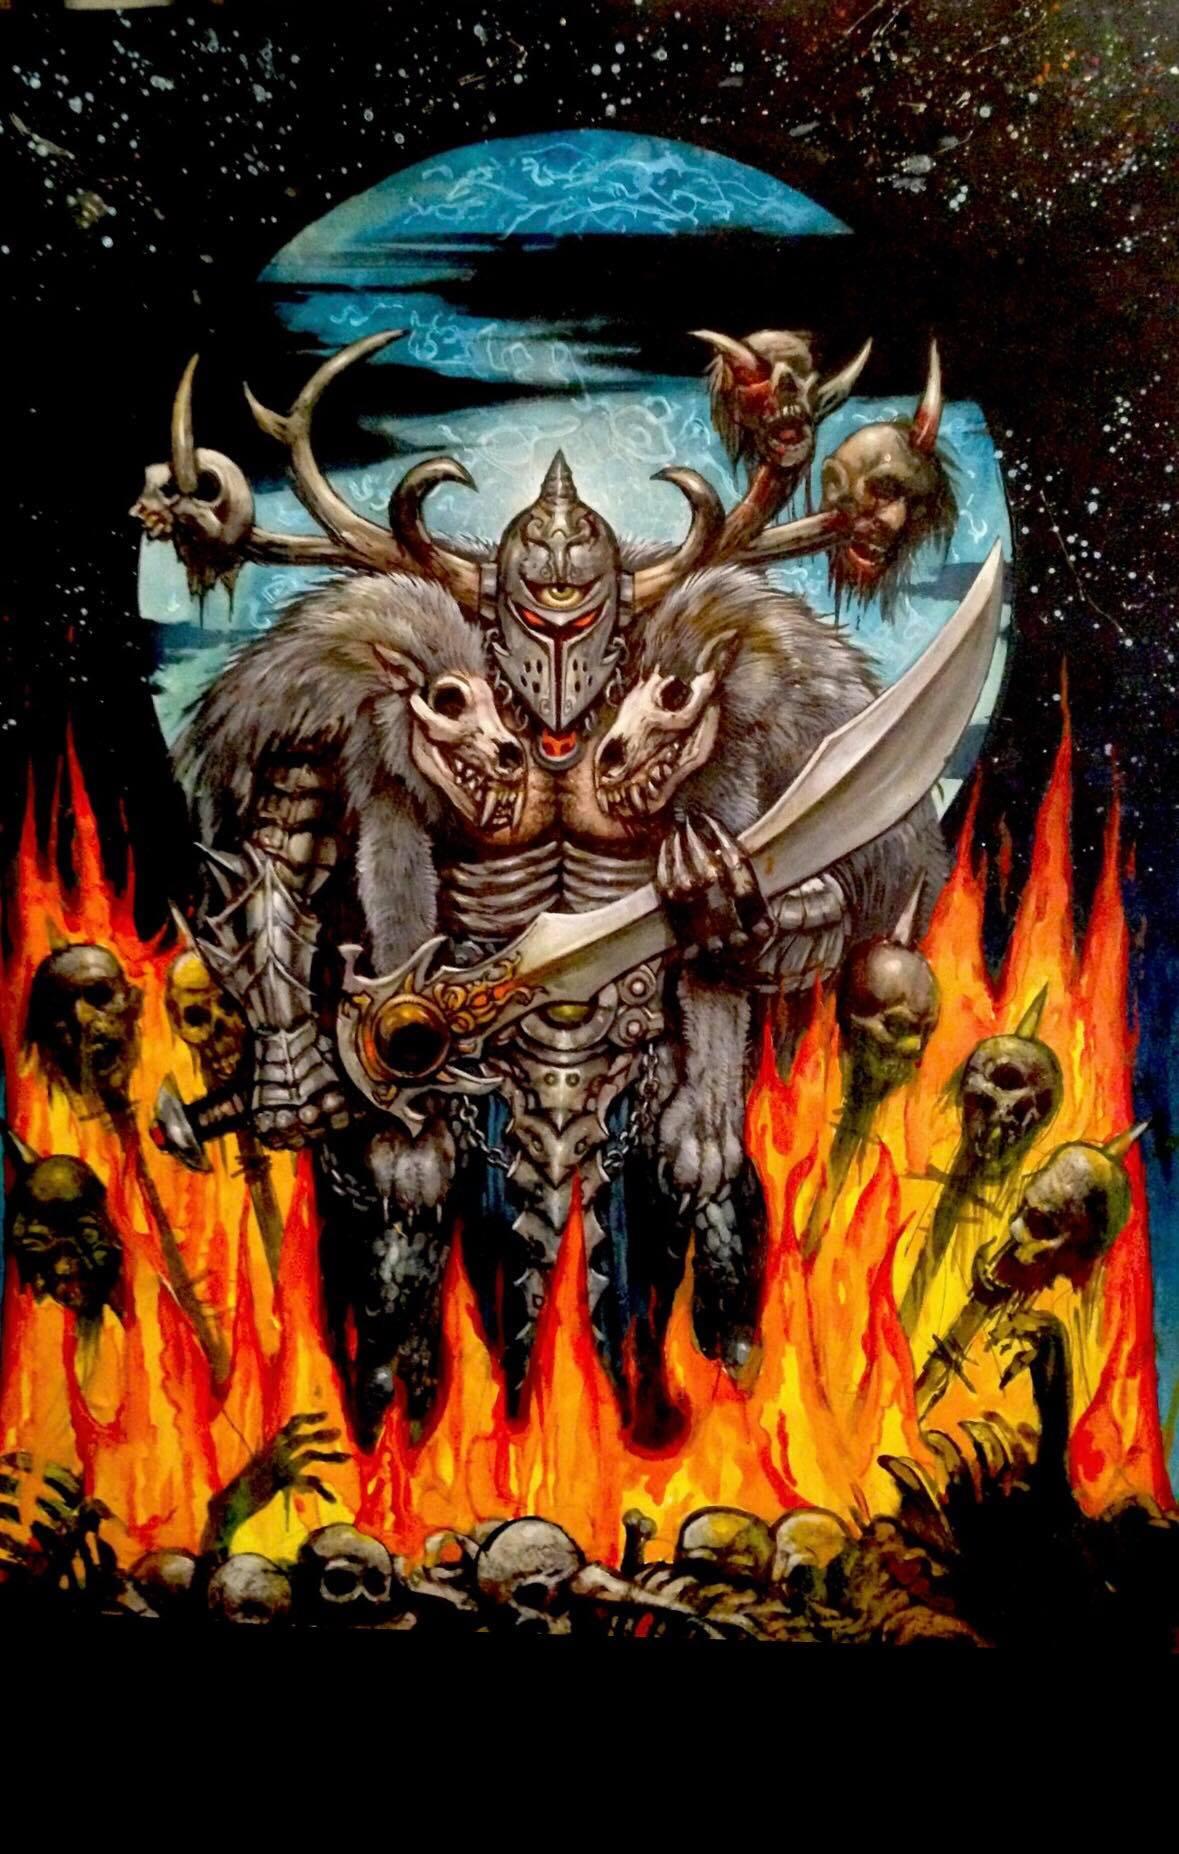 the horned god cover